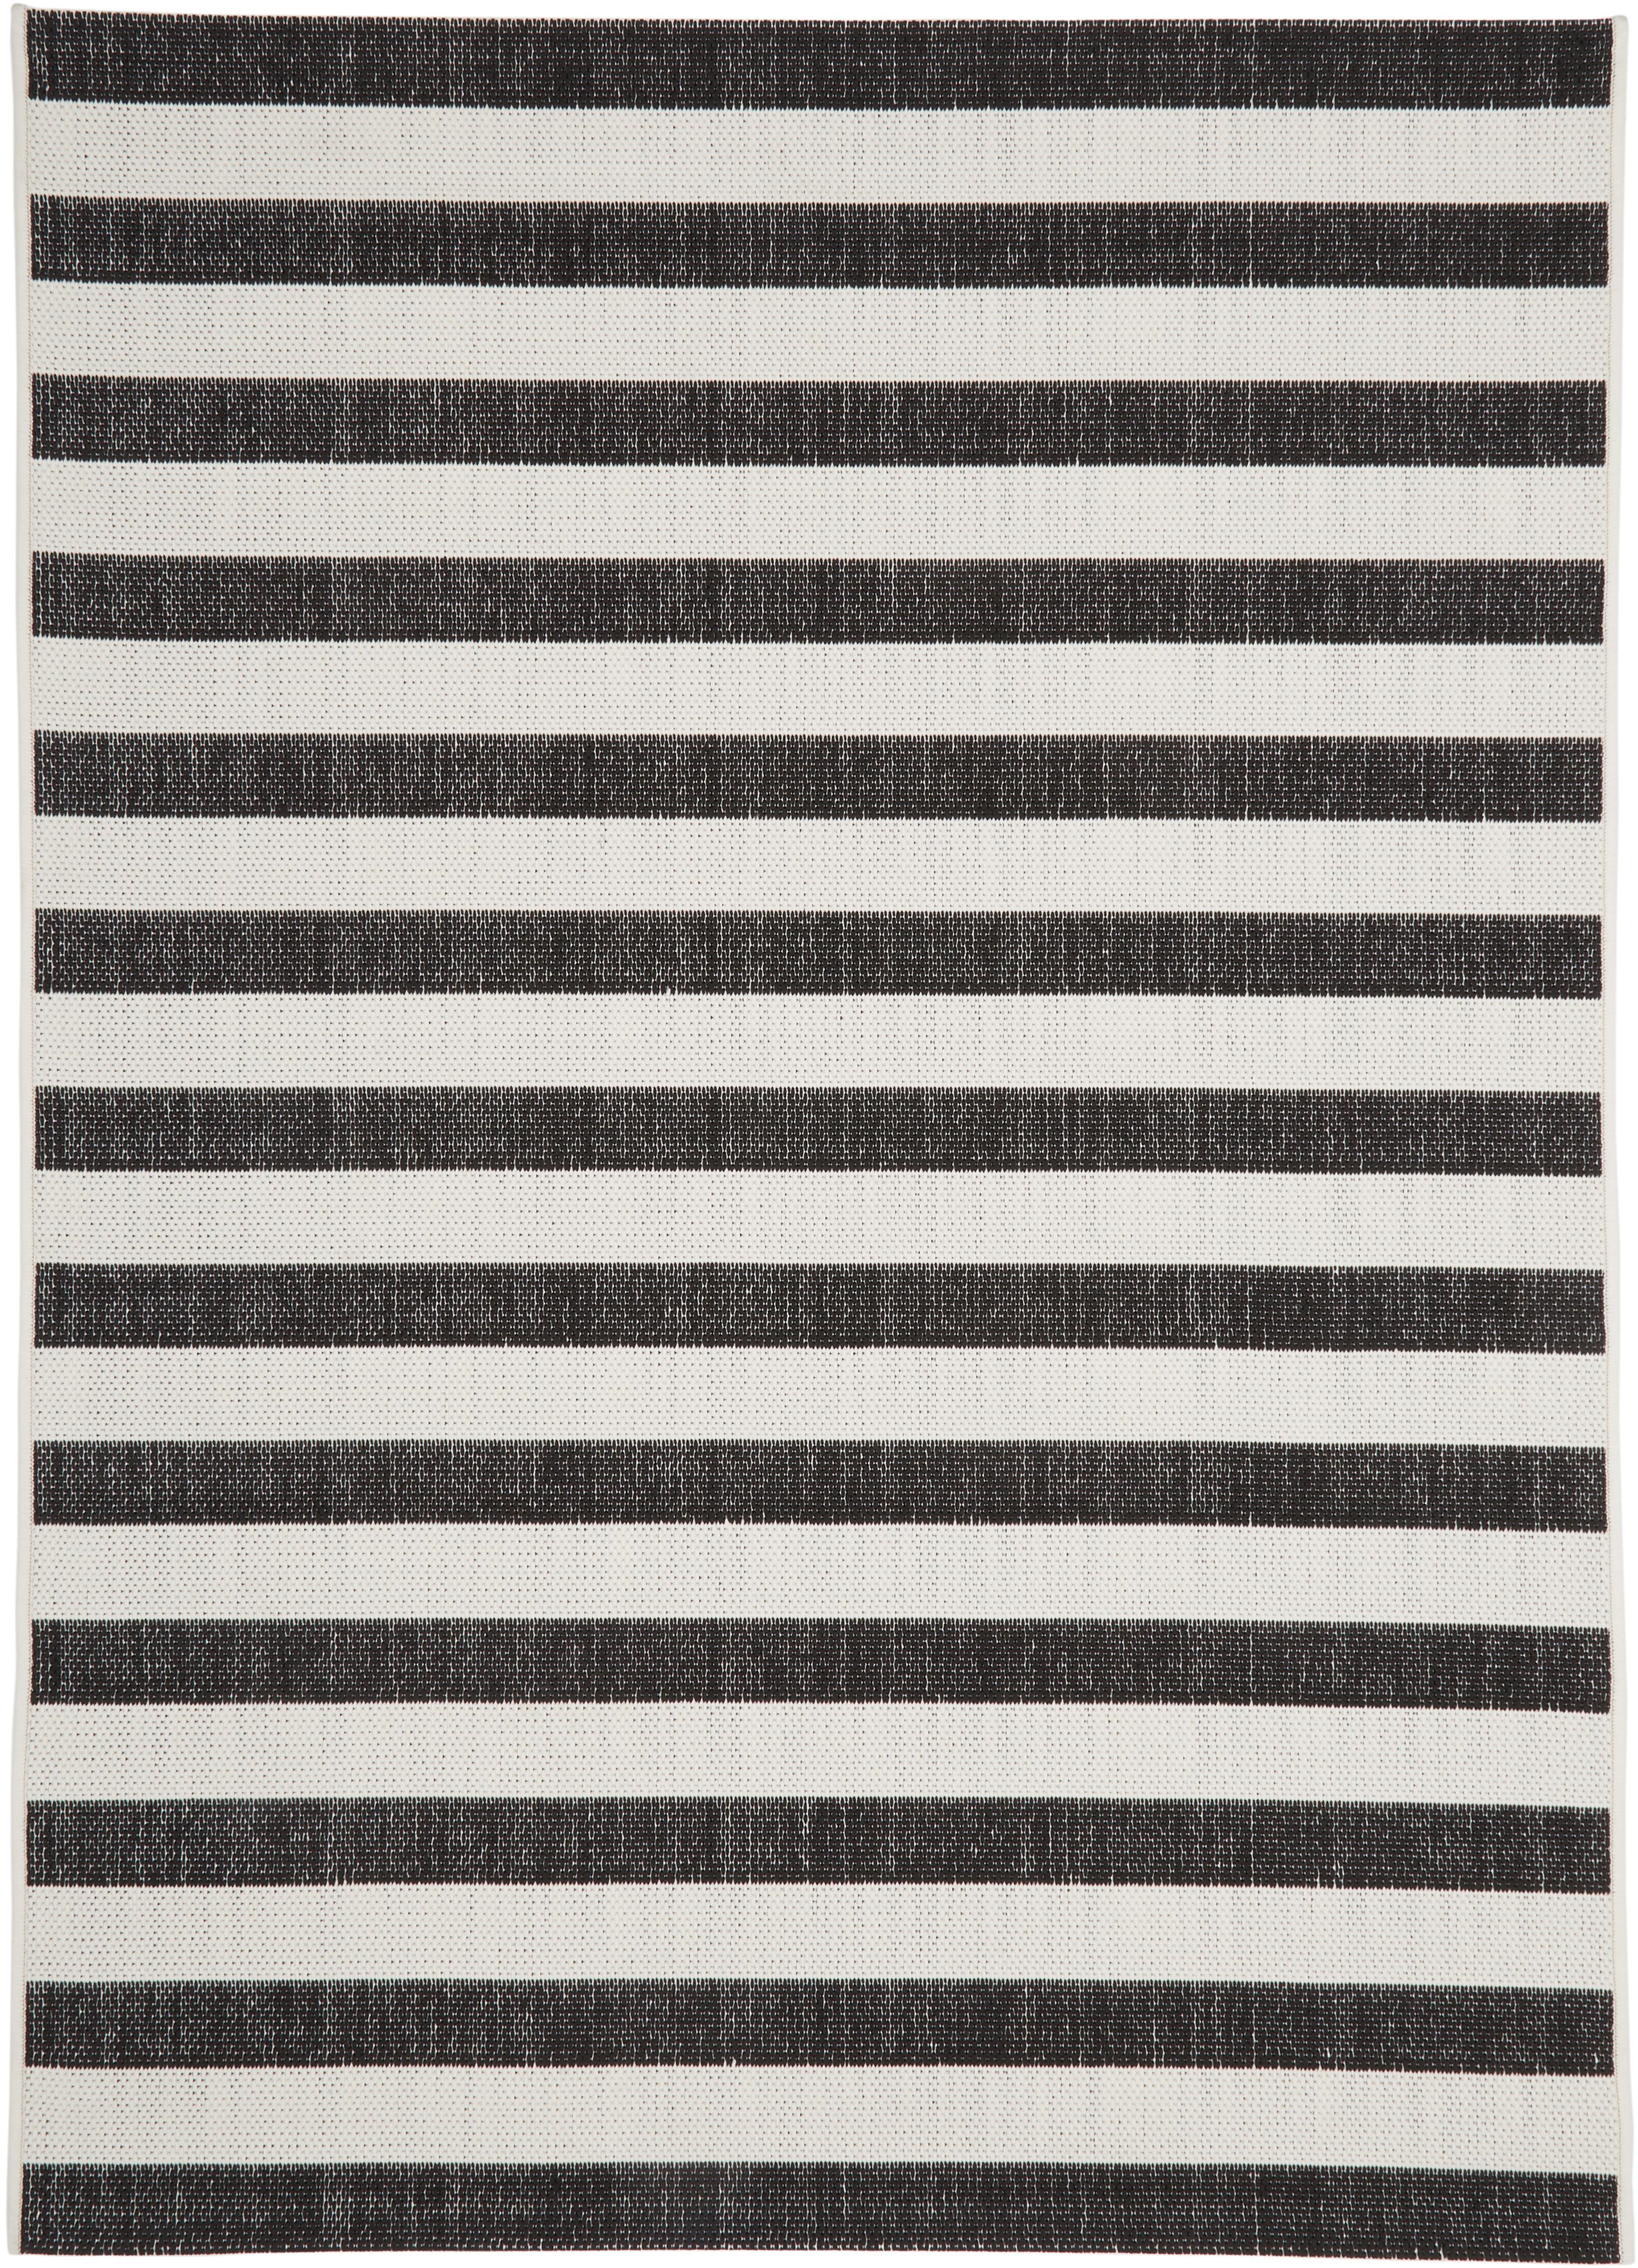 Gestreifter In- & Outdoor-Teppich Axa in Schwarz/Weiß, Flor: 100% Polypropylen, Cremeweiß, Schwarz, B 160 x L 230 cm (Größe M)